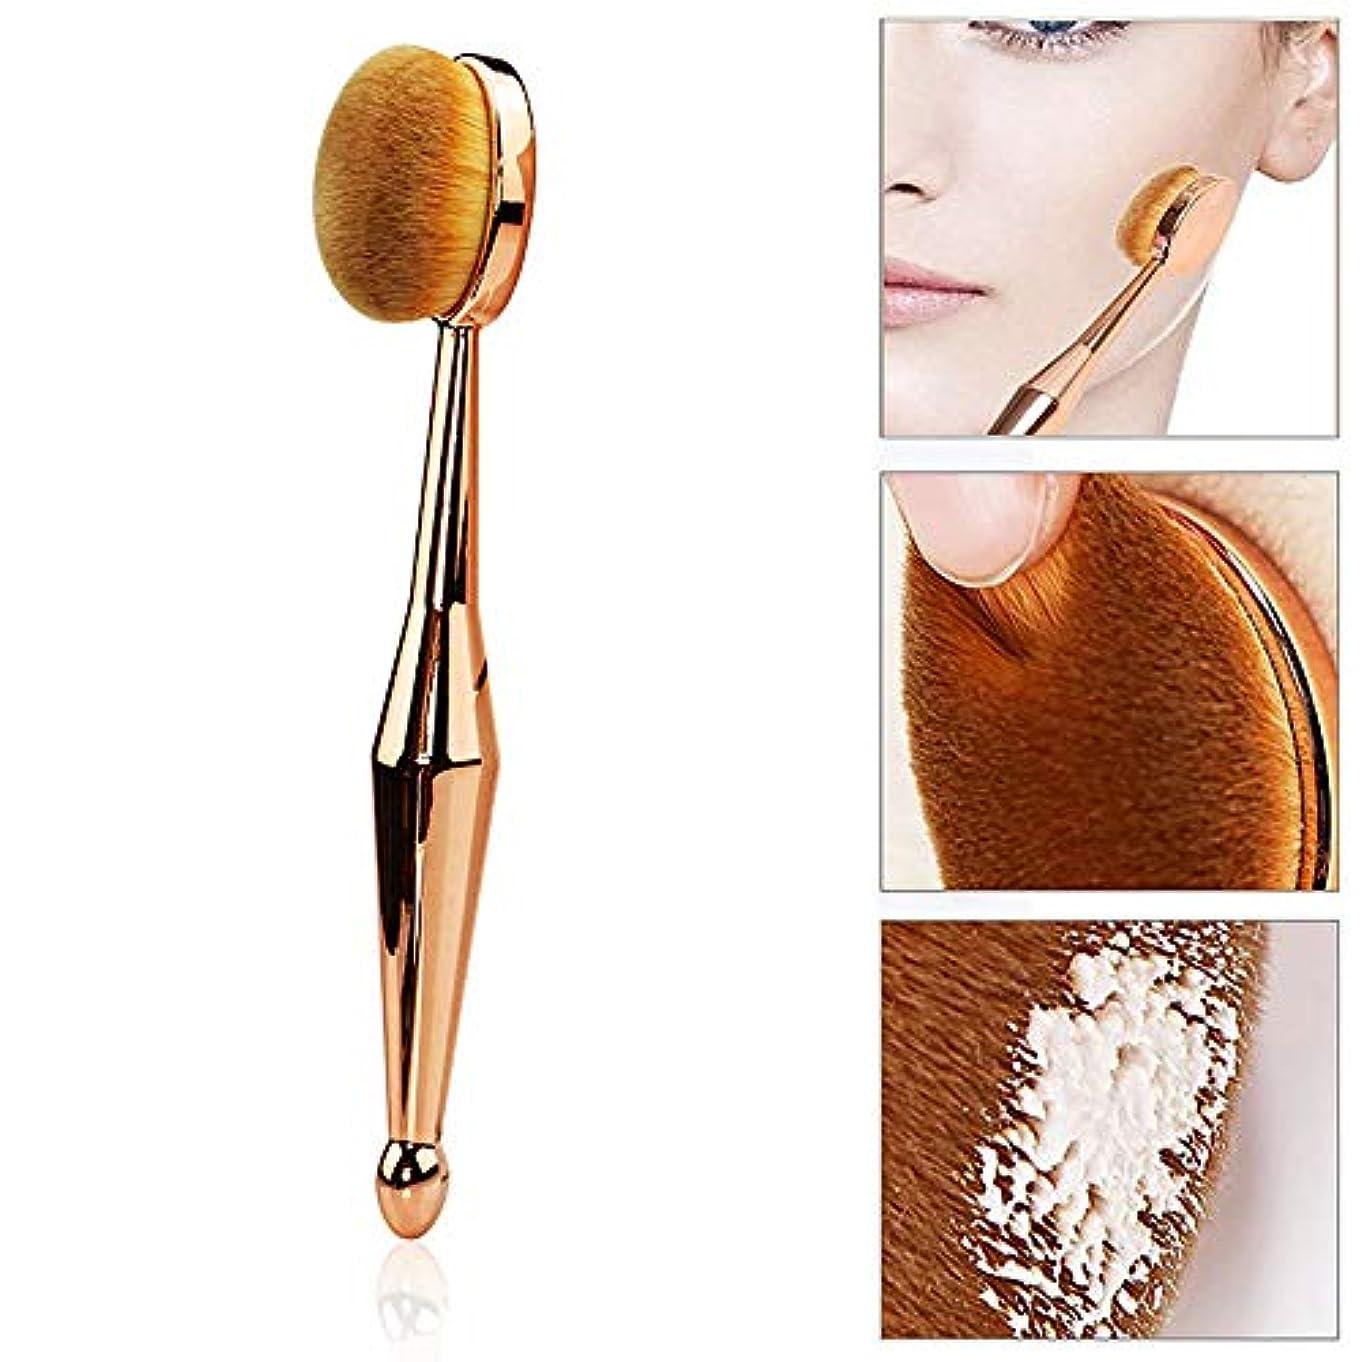 さようならアッパー仮定、想定。推測Cikoume 化粧ブラシ 化粧筆 歯ブラシ型高級繊維毛 BBクリームブラシ ァンデーションブラシ 化粧道具 パウダーブラシ フェイスブラシ 携帯便利